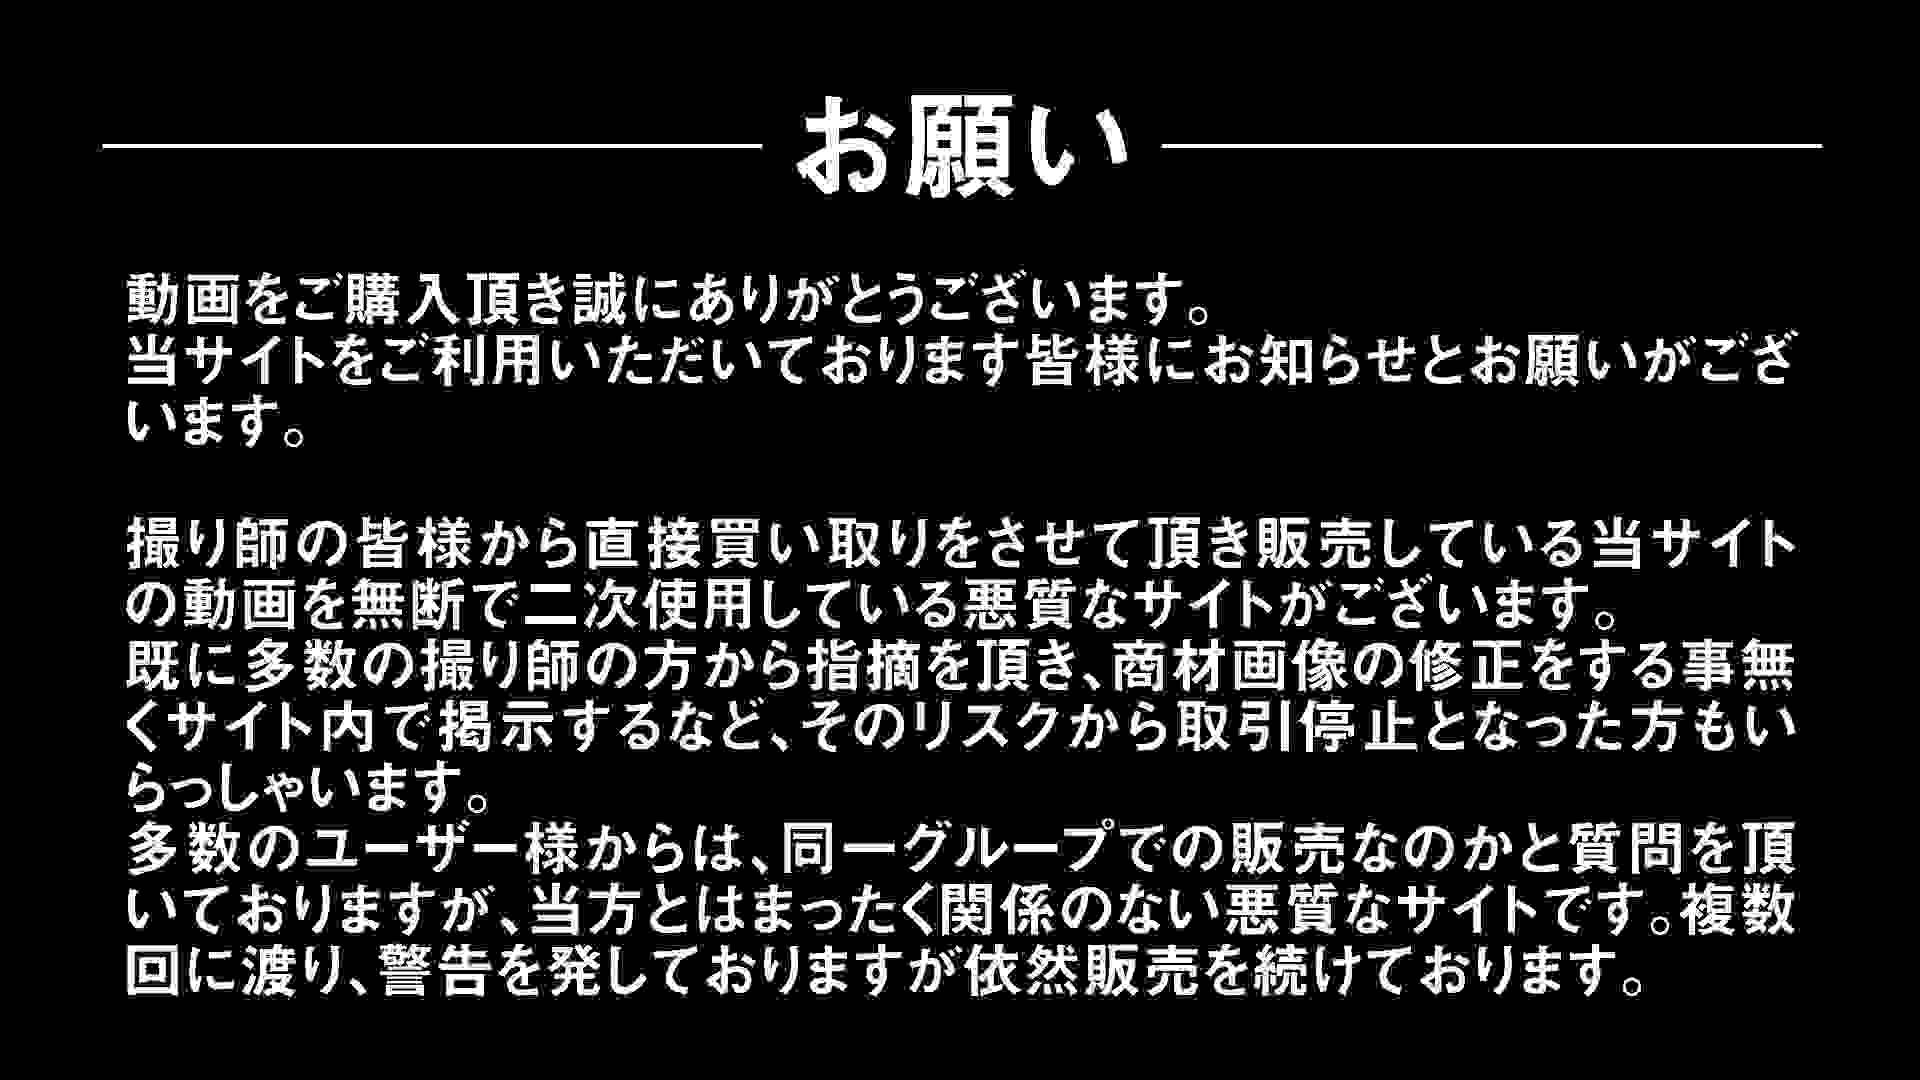 Aquaな露天風呂Vol.299 OLのエロ生活   盗撮  53連発 13